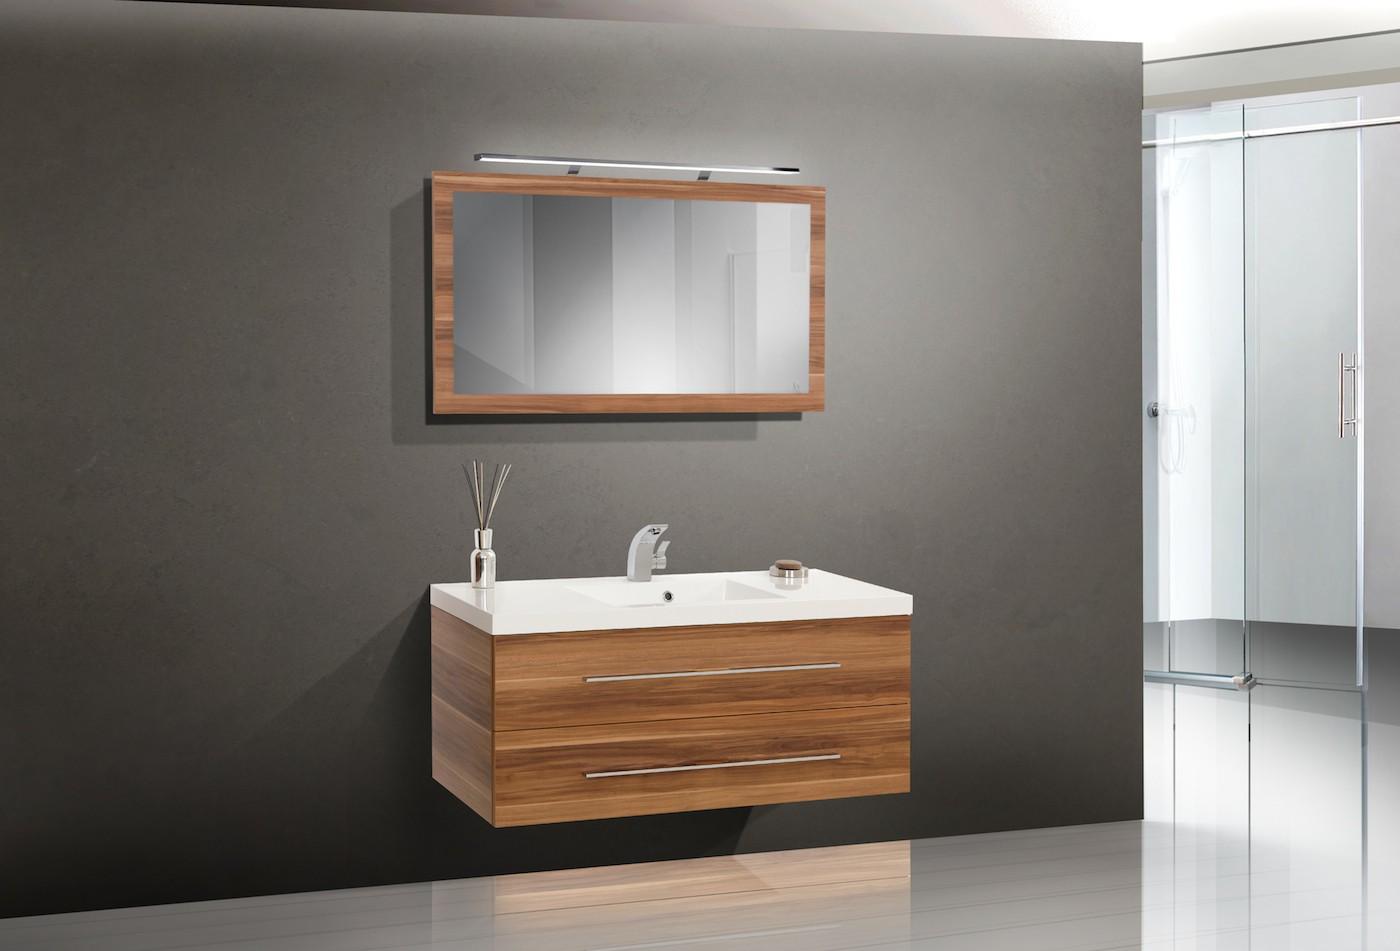 design badm bel set 120 cm waschbecken lichtspiegel. Black Bedroom Furniture Sets. Home Design Ideas